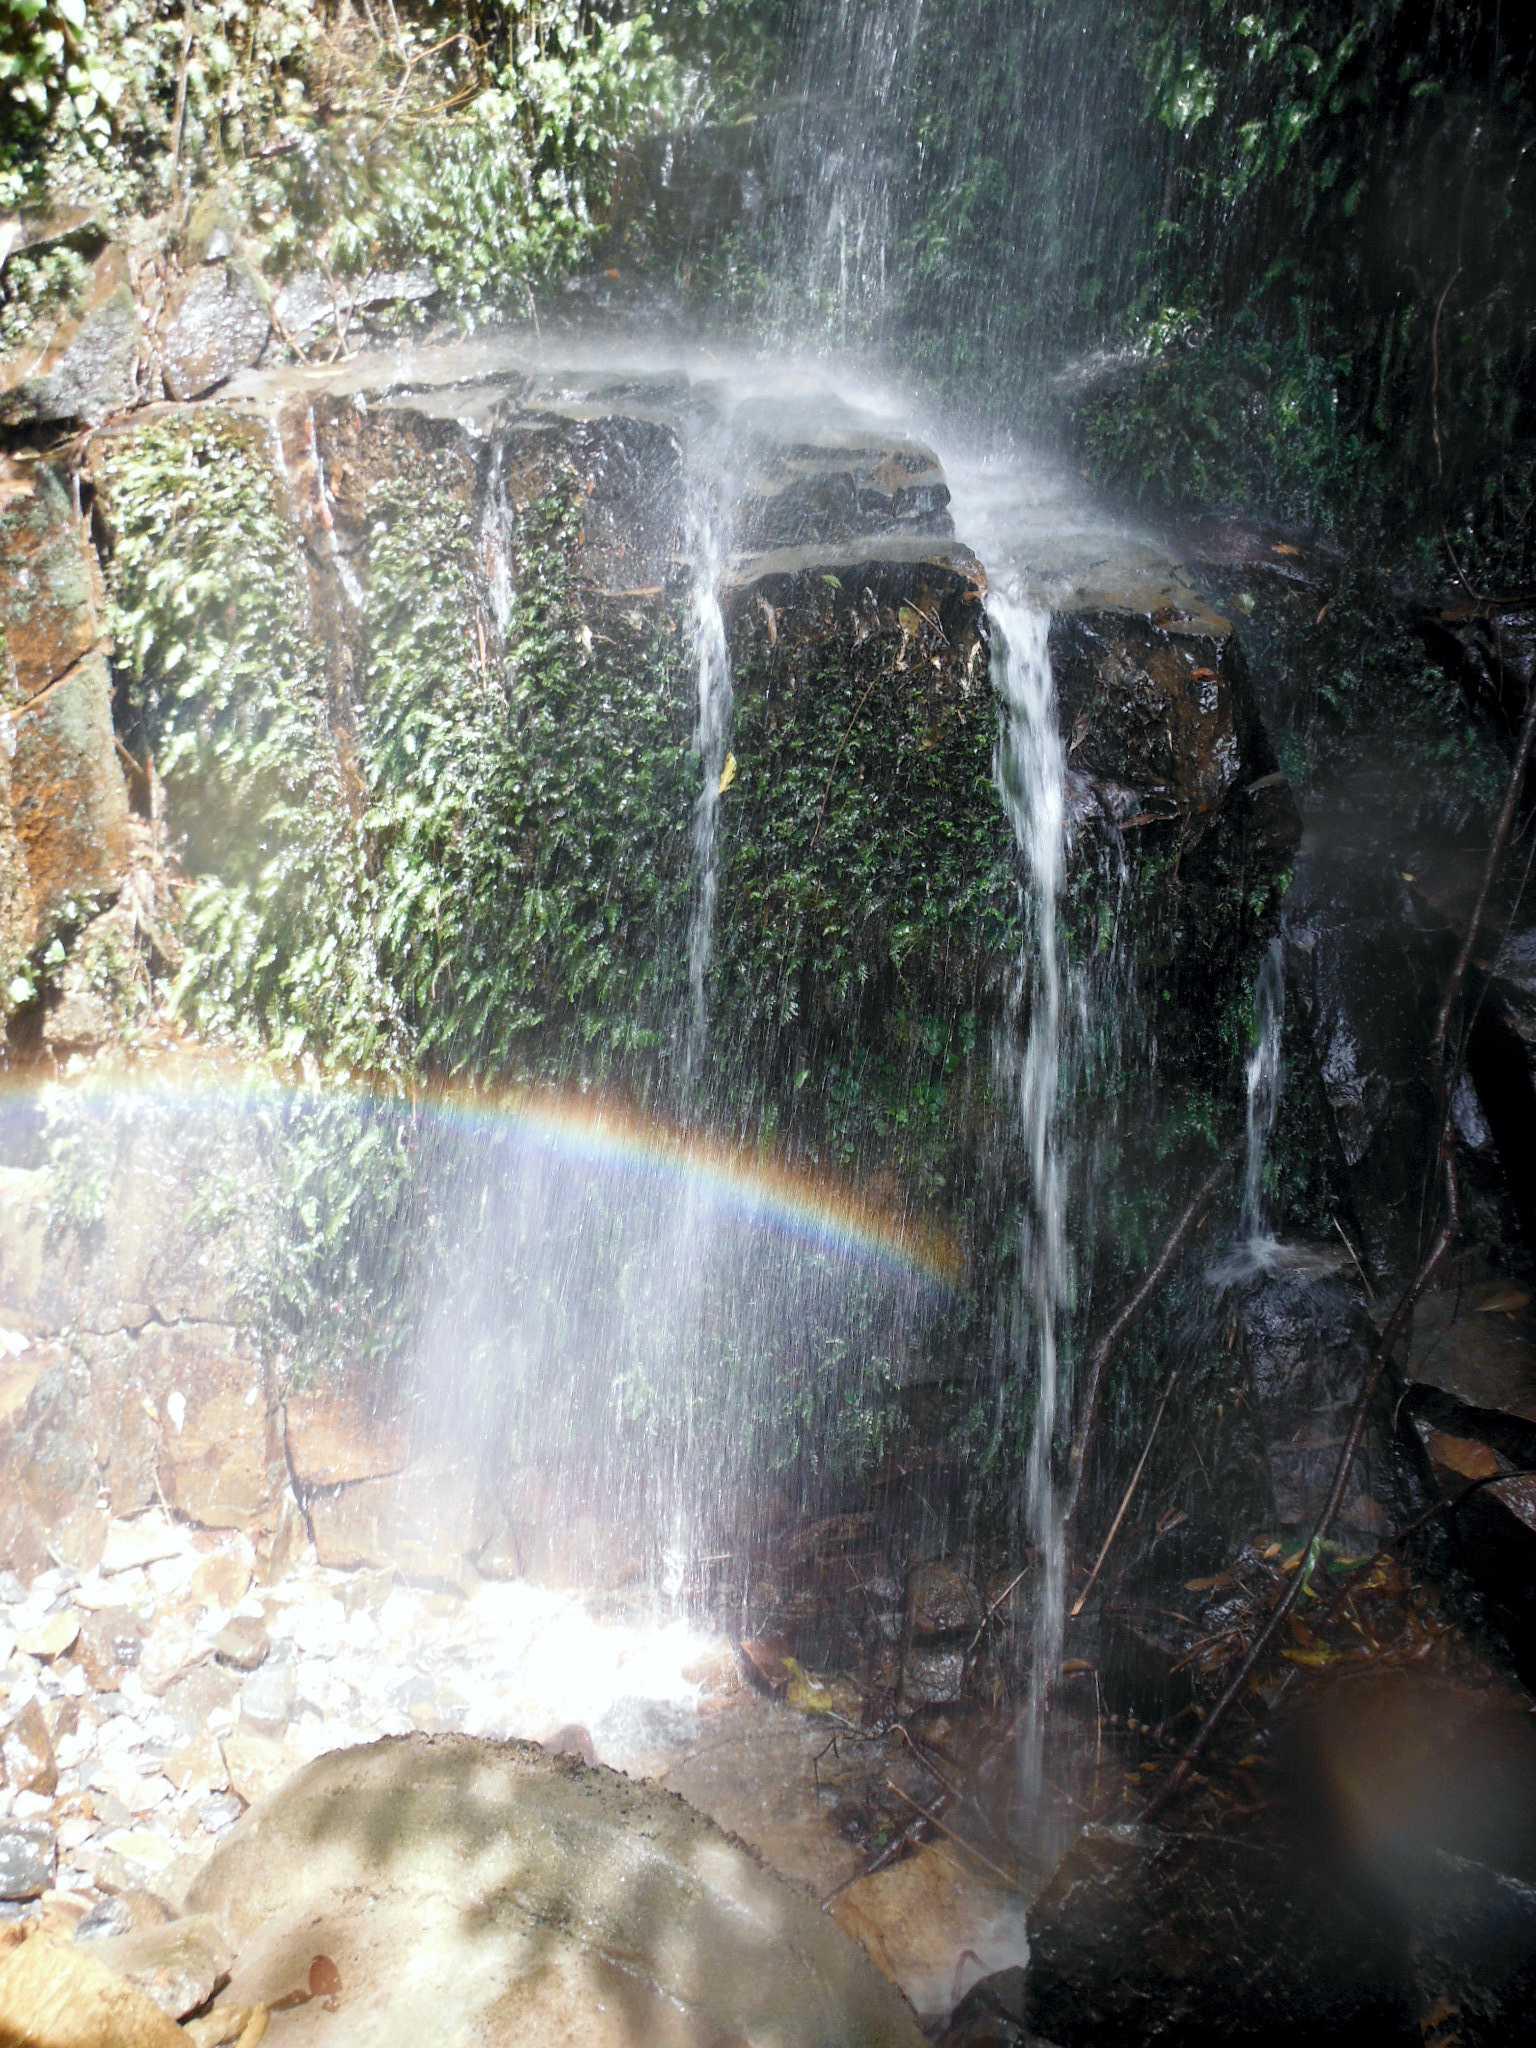 Passeios em Ilhabela arco iris chuveirinho.jpg